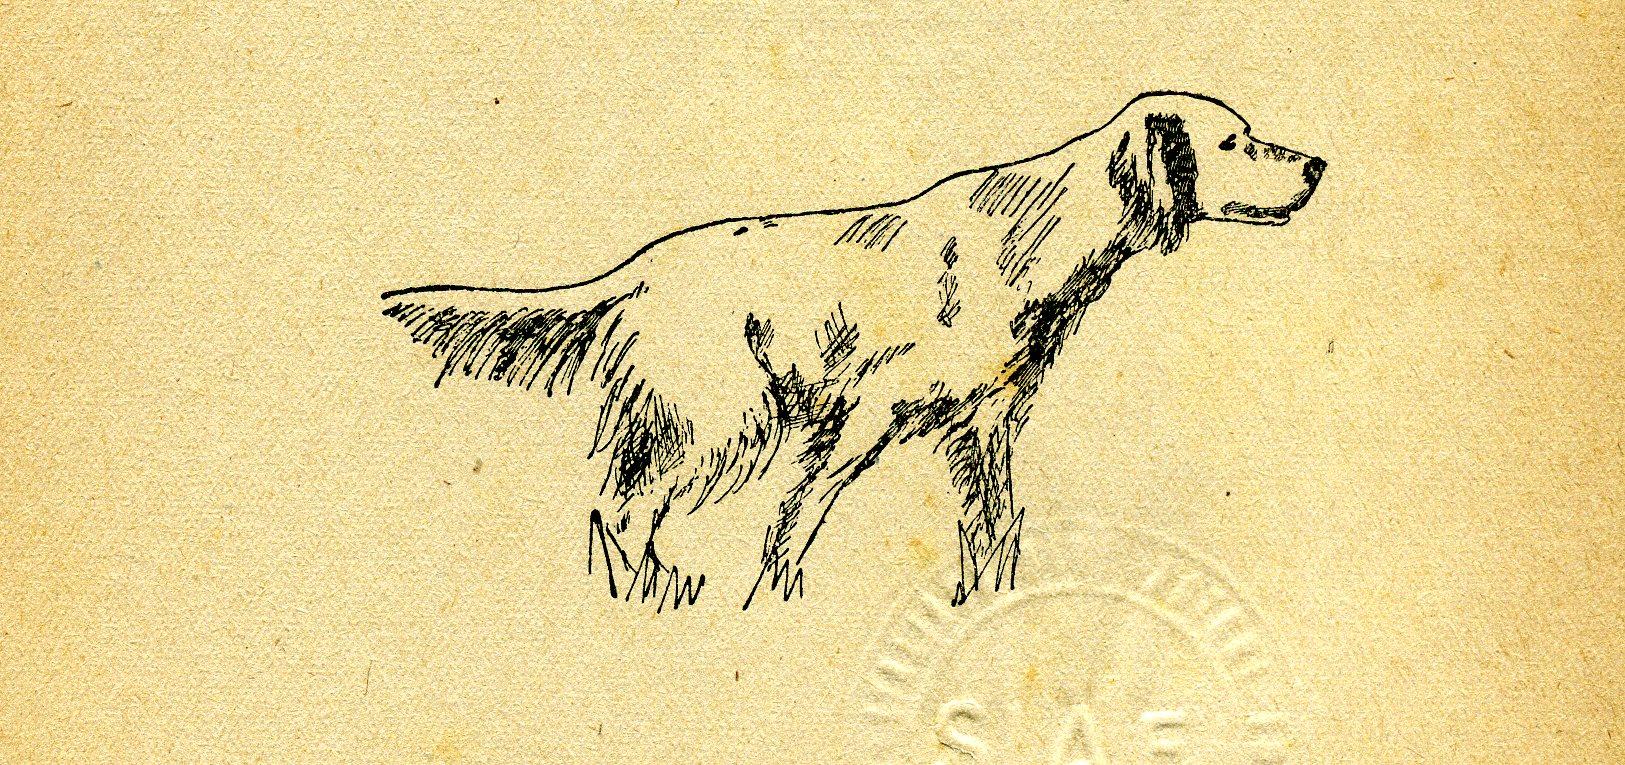 Cinotecnica la ferma in bianco pagina 4 di 4 caccia oggi for Cani che non vogliono fare il bagno